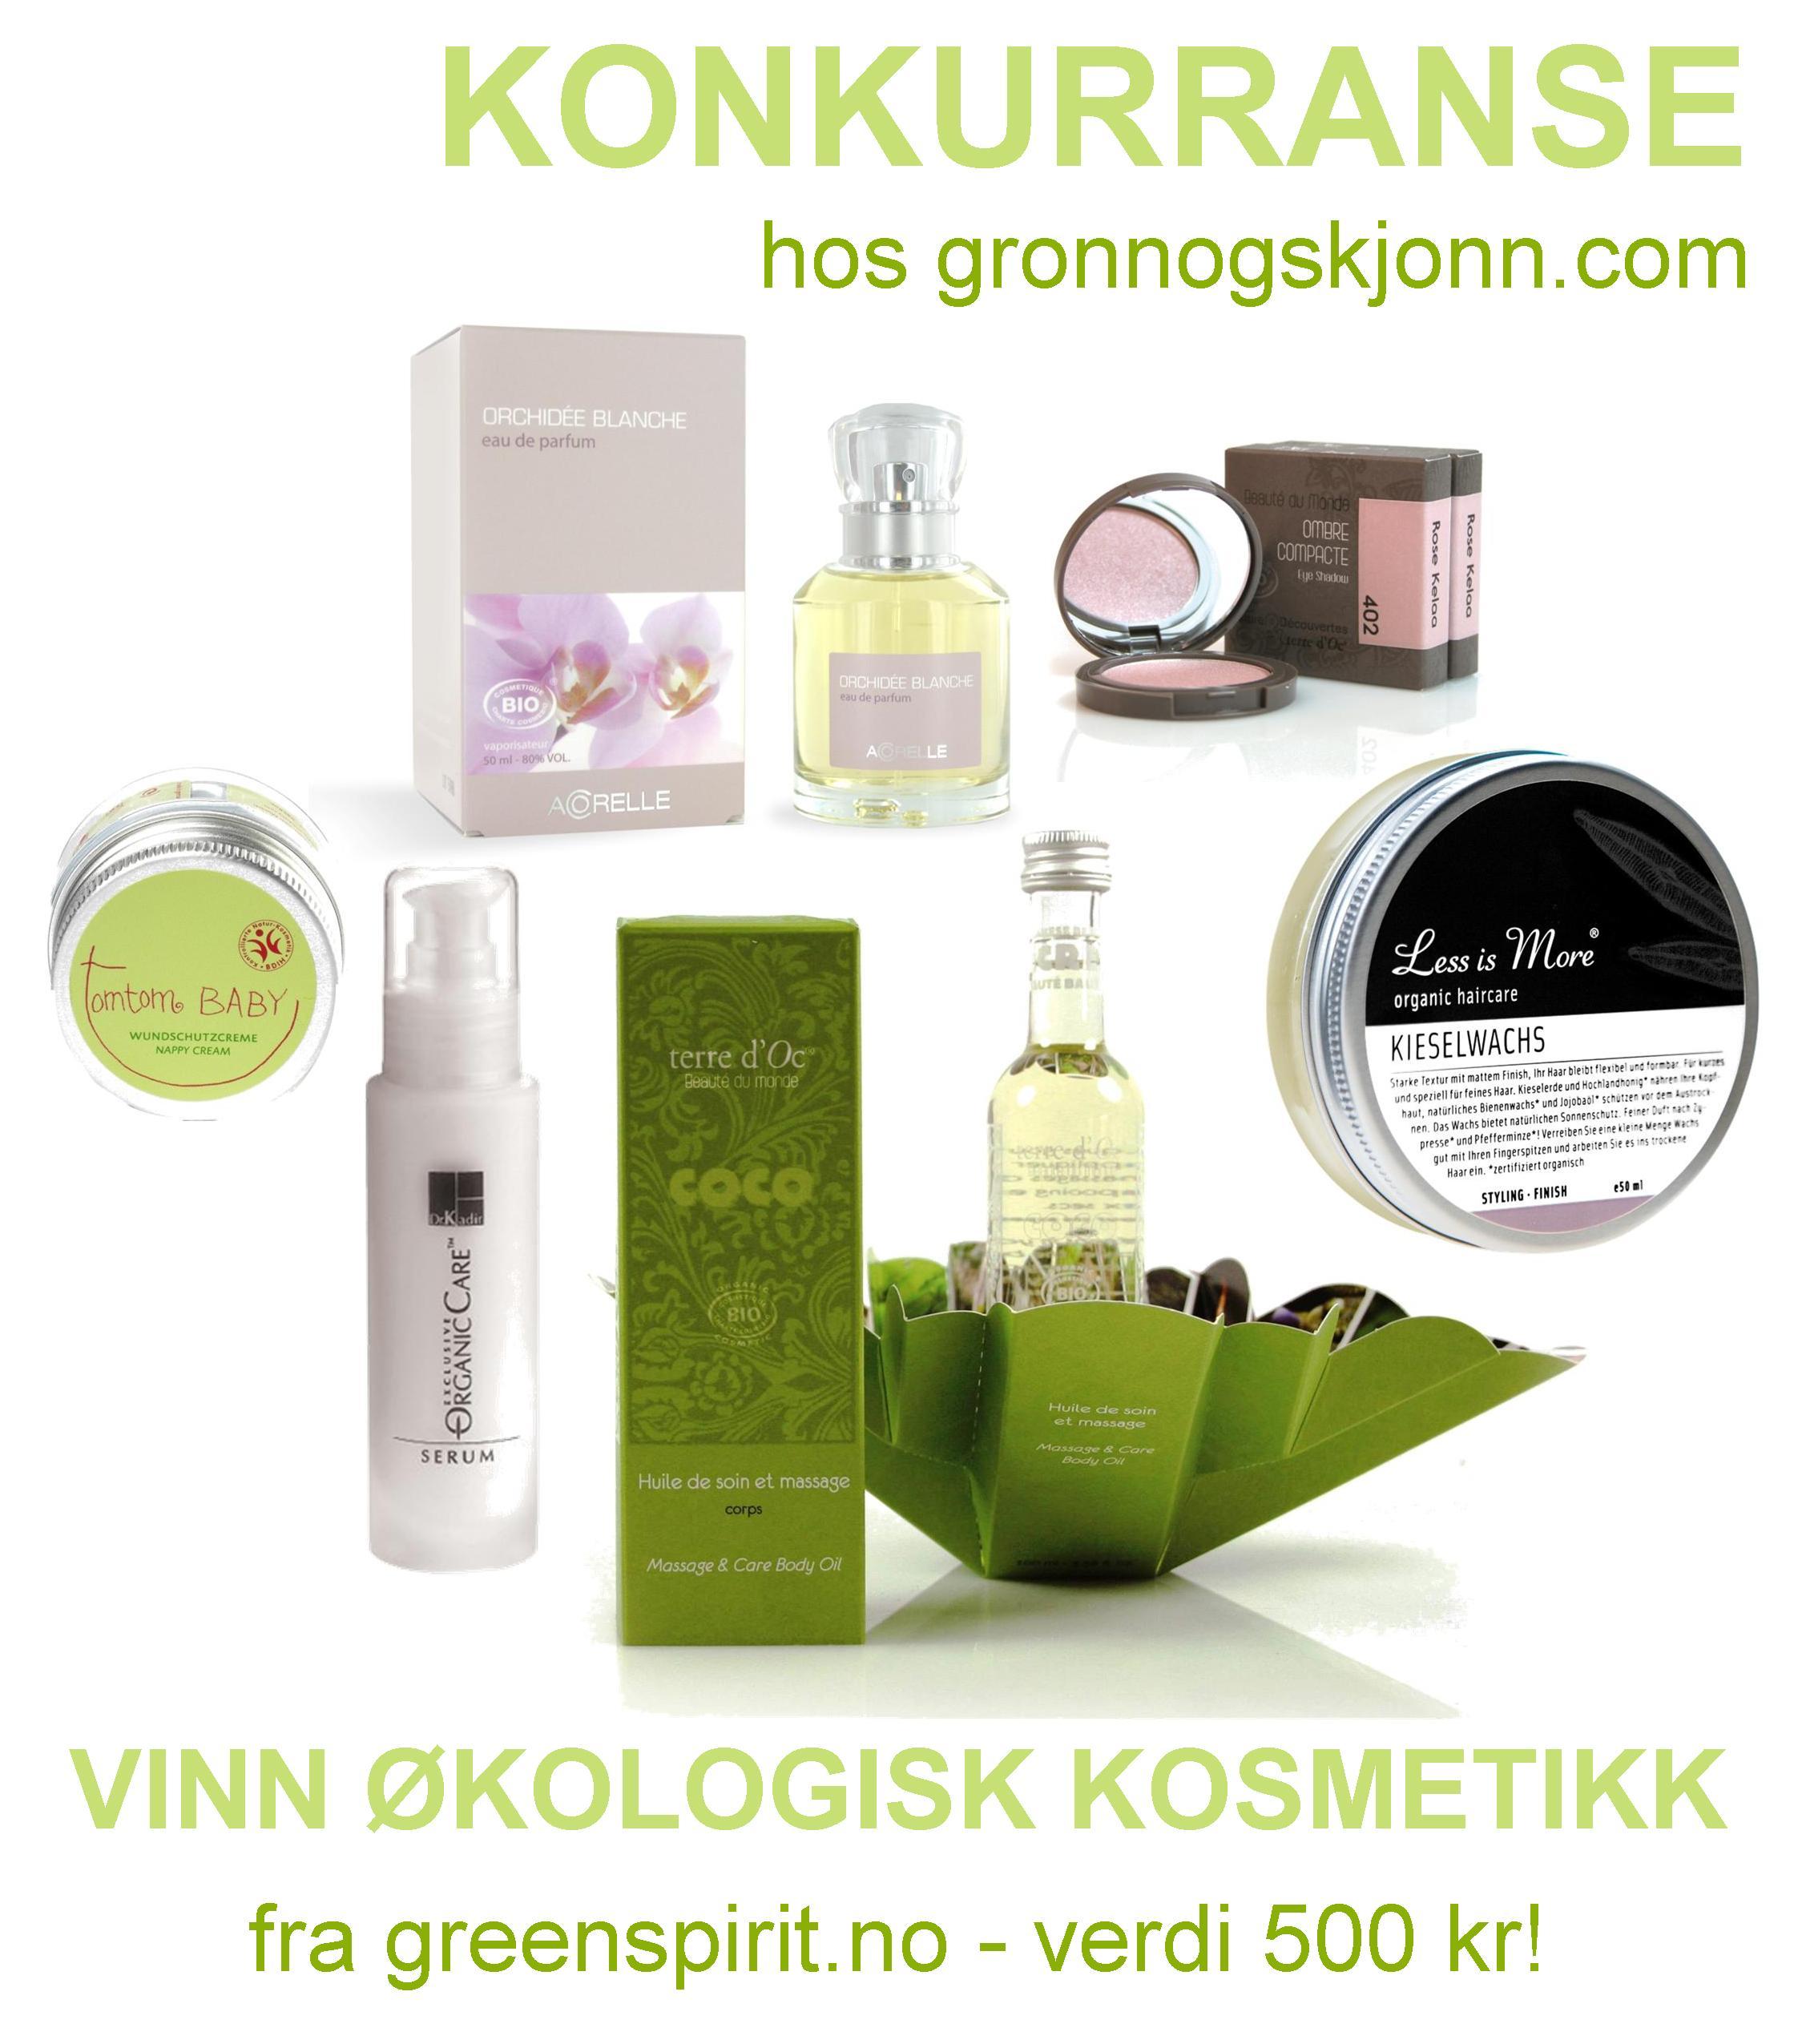 Bli med og vinn Green Spirit produkter hos gronnogskjonn.com!